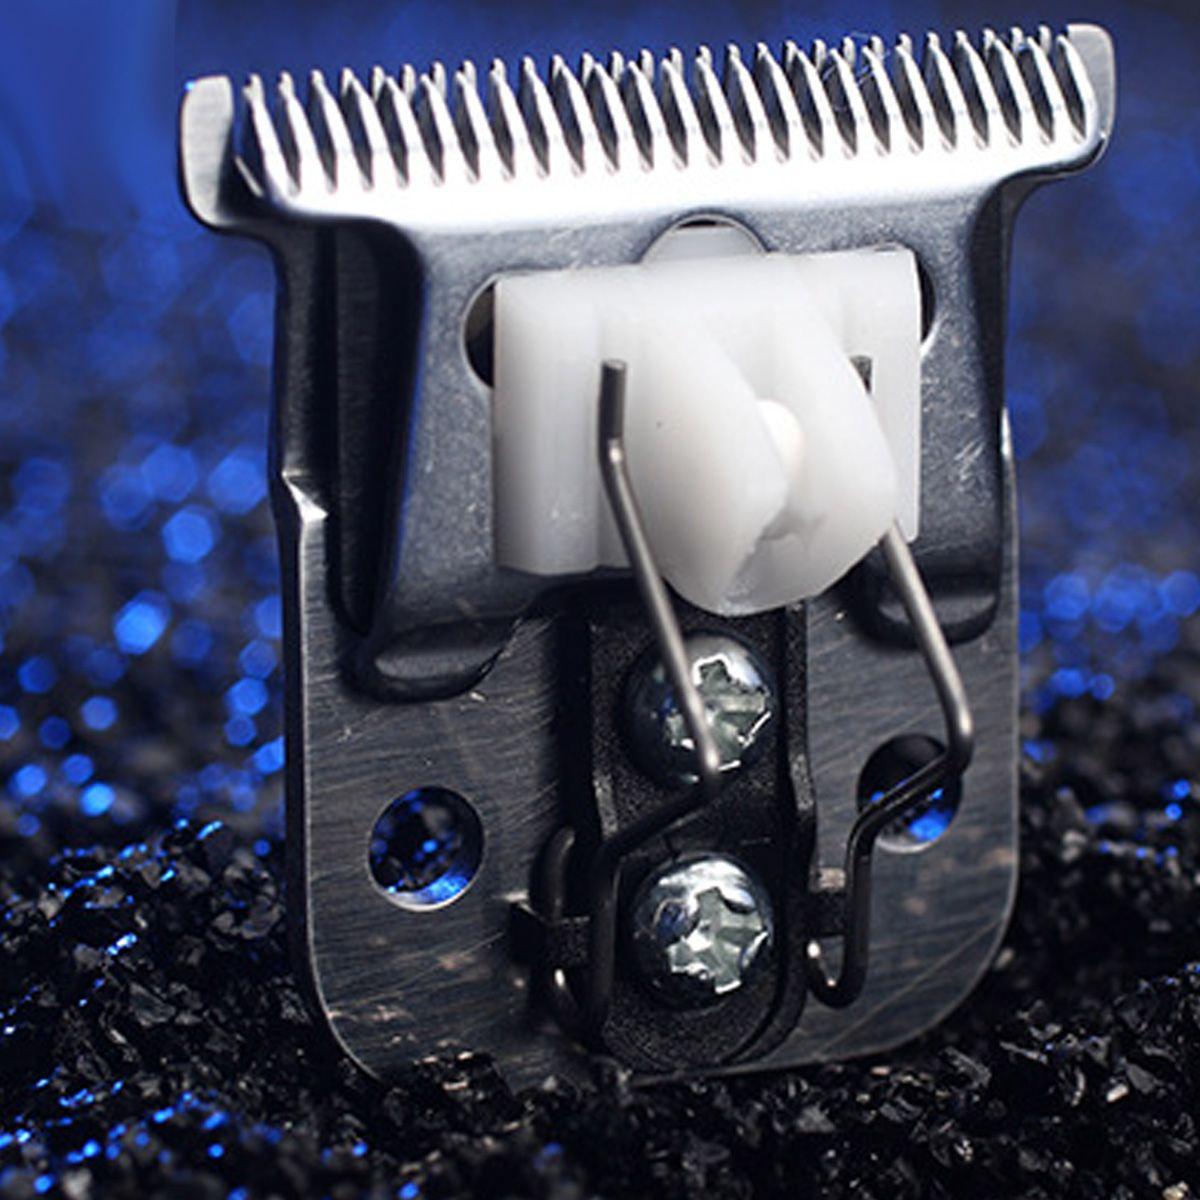 الفولاذ المقاوم للصدأ استبدال شفرة مجموعة ل Andis D7 D8 SlimLine برو لي مقص الشعر الحلاق شفرة تقطيع T-شفرة الانتهازي شفرة